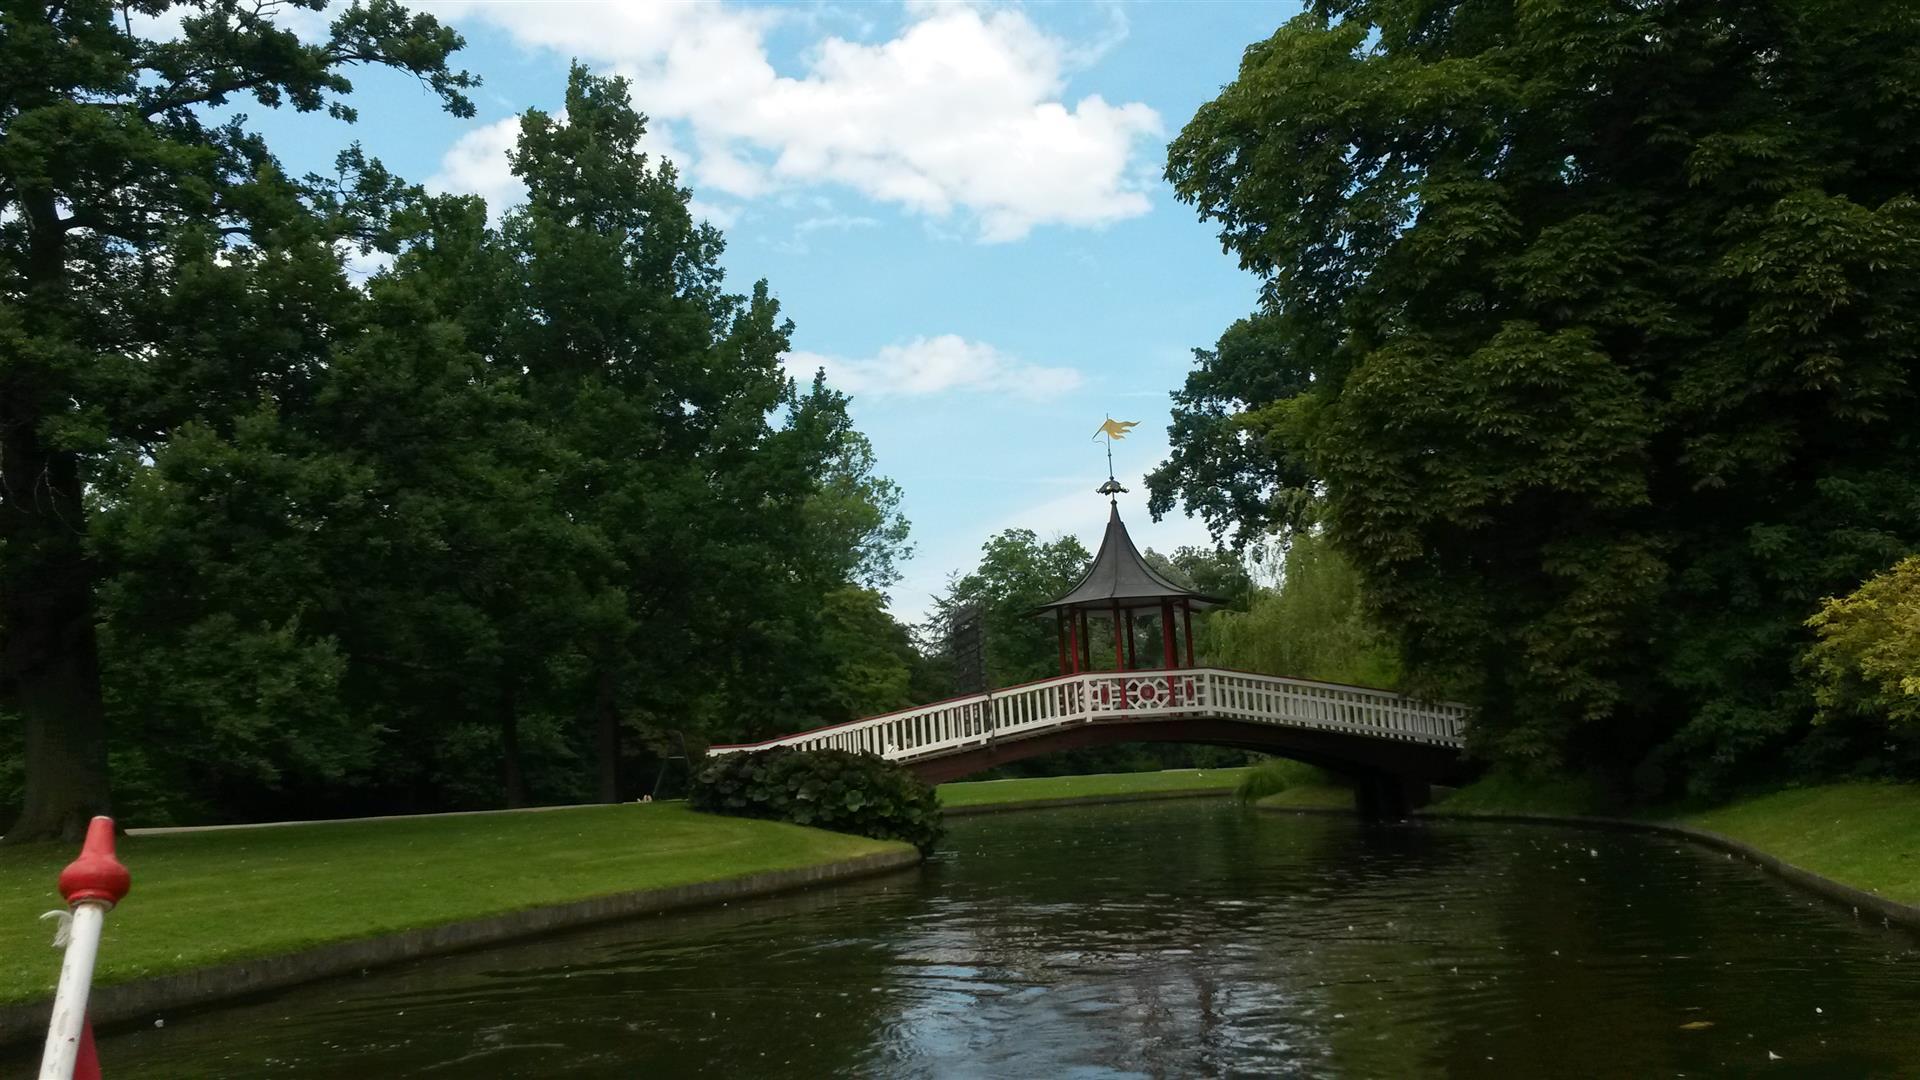 גשר מבנים והרבה ירוק על המים שייט קסום בגני פרדריקסברג